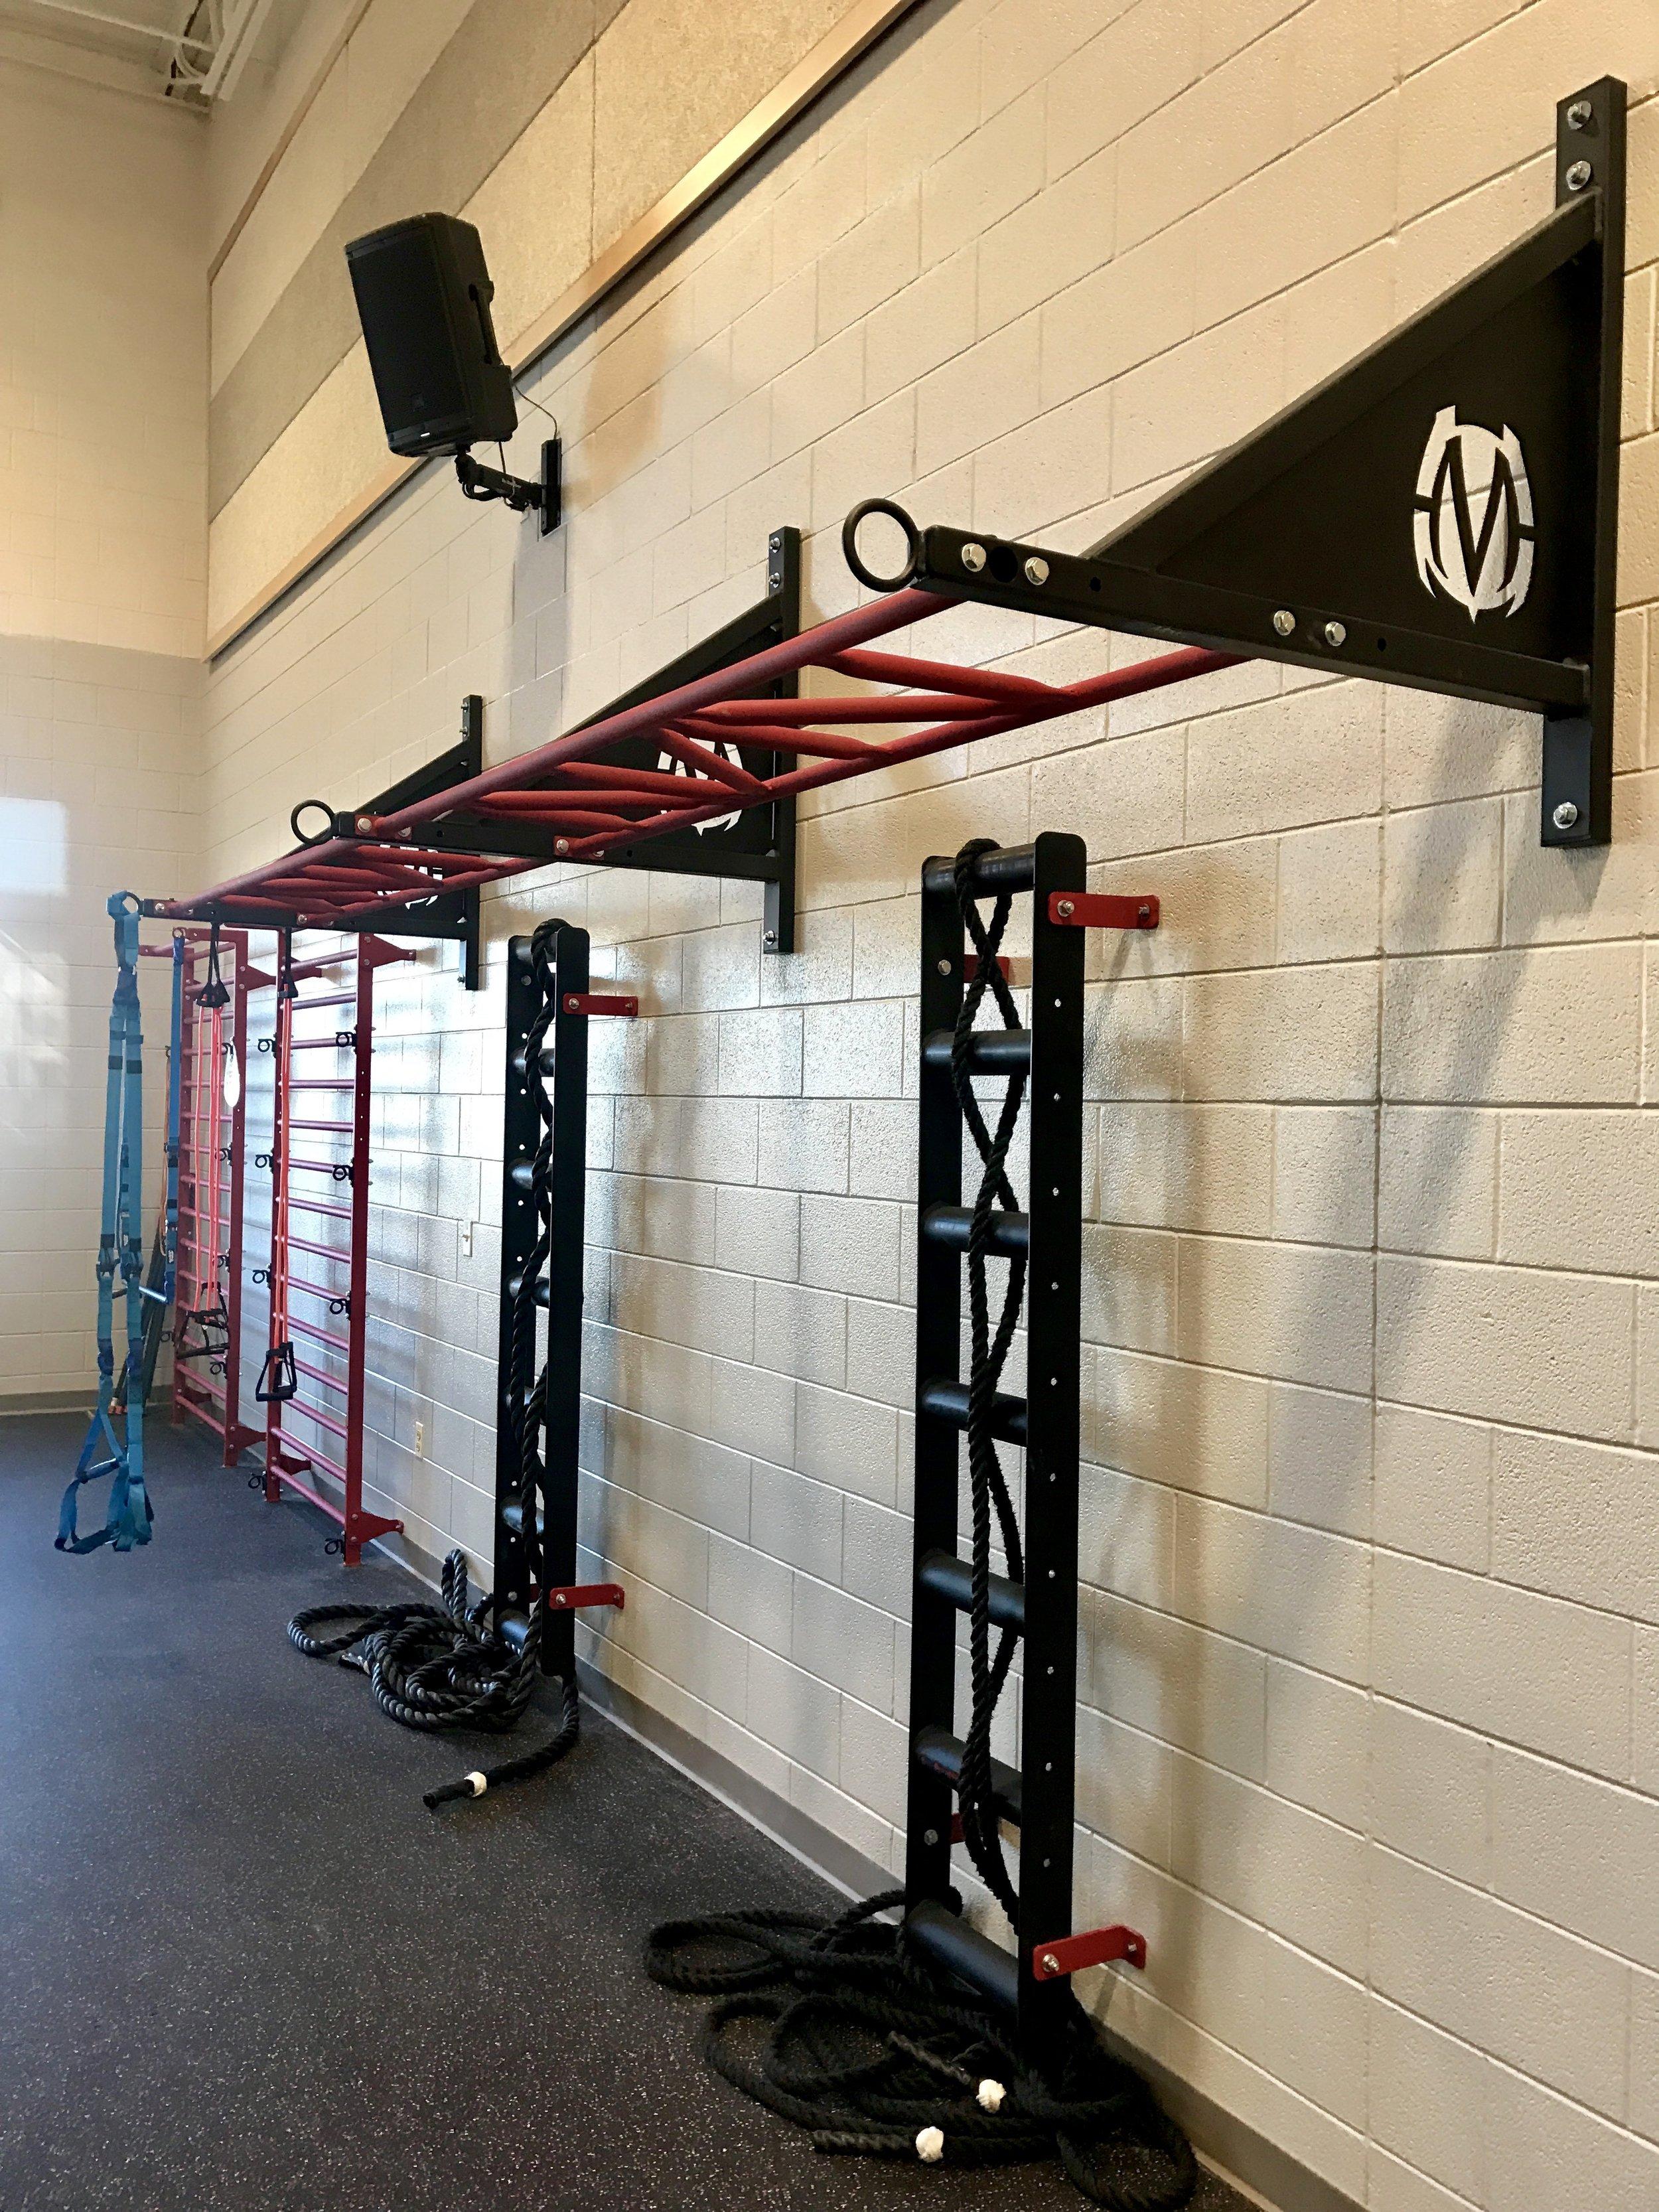 Wall mount monkey bars